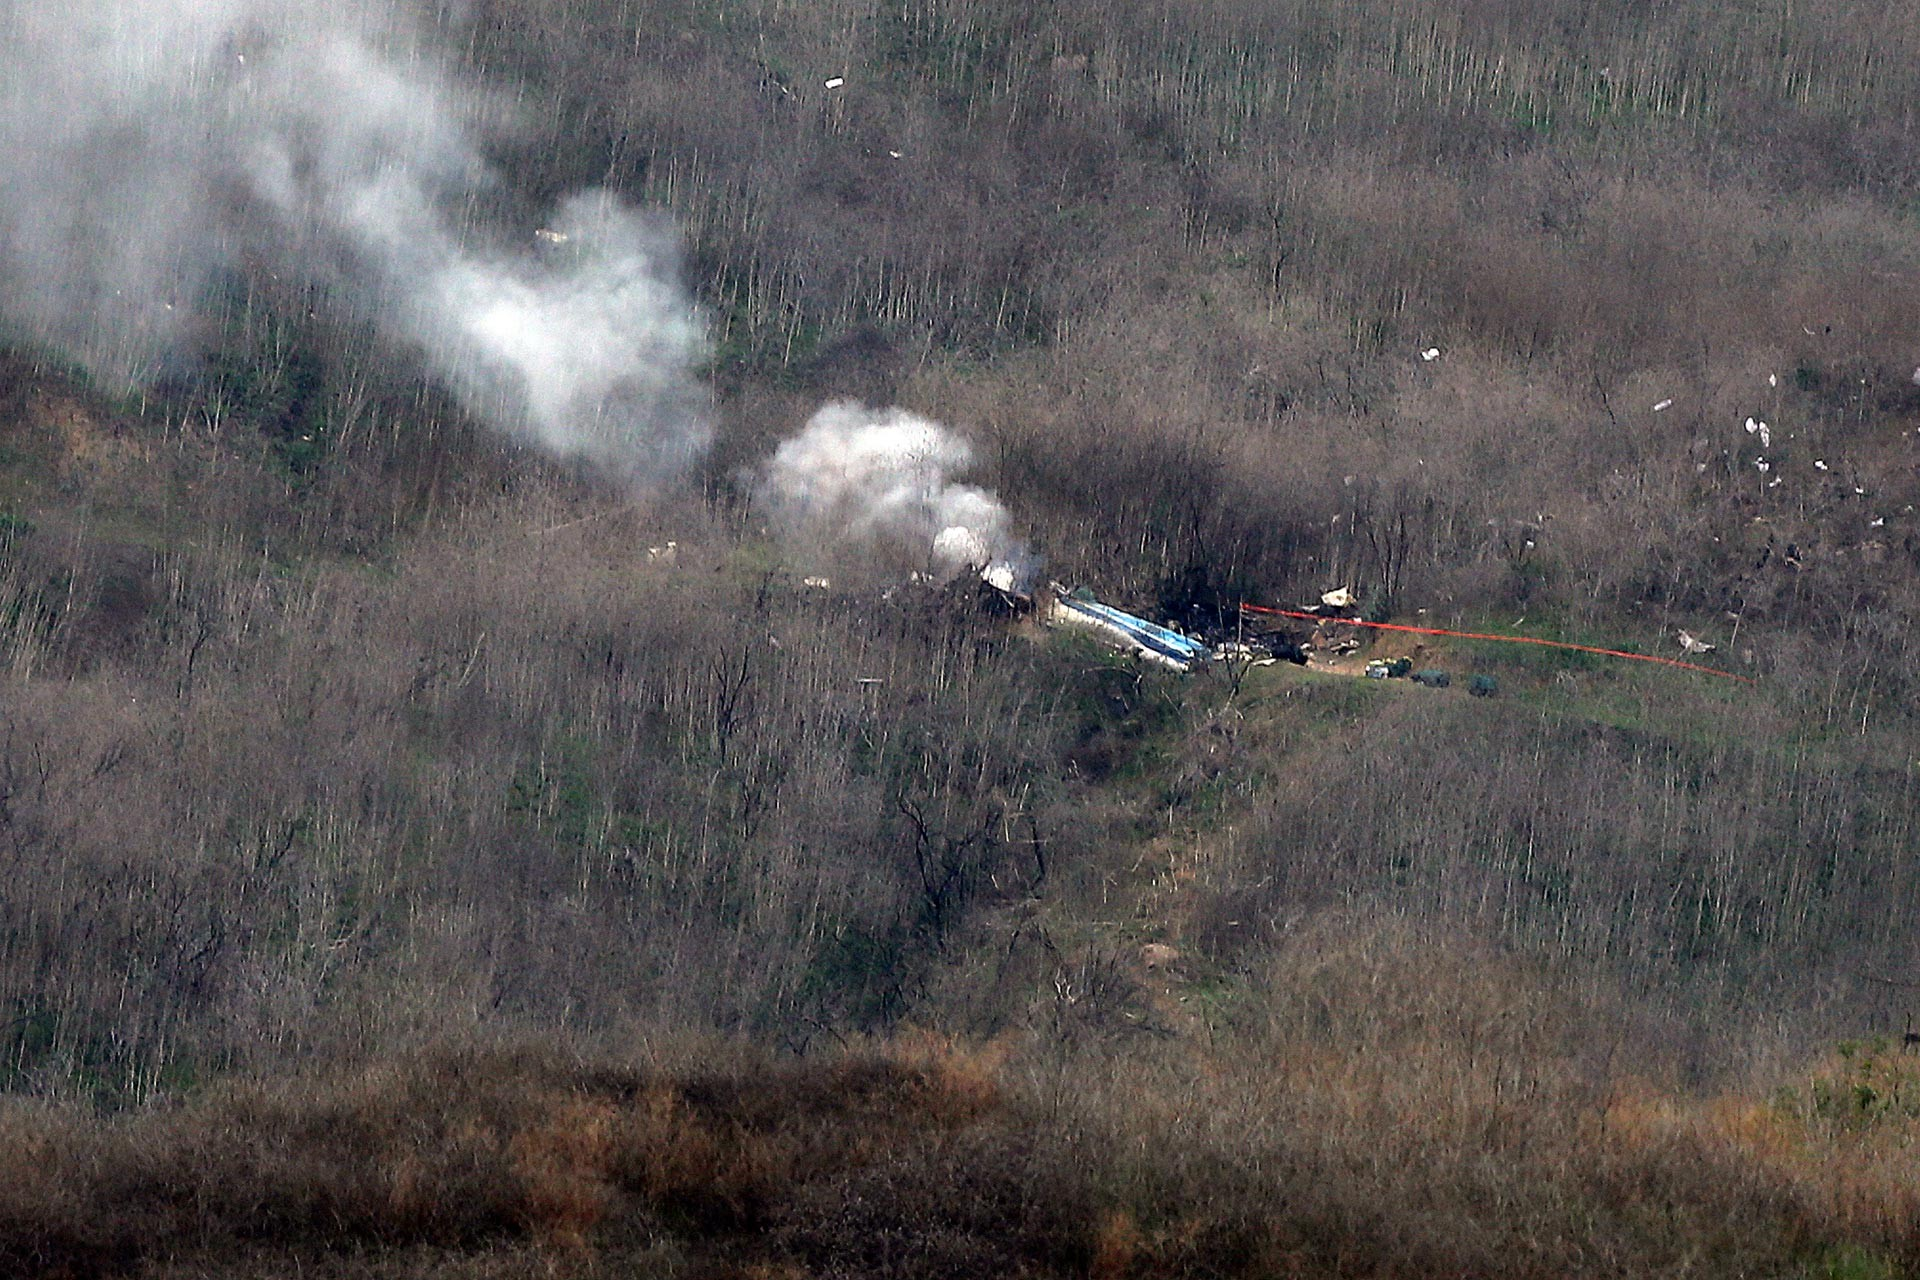 Kobe Bryant'ın hayatını kaybettiği helikopter kazasının ardından çekilen fotoğraf